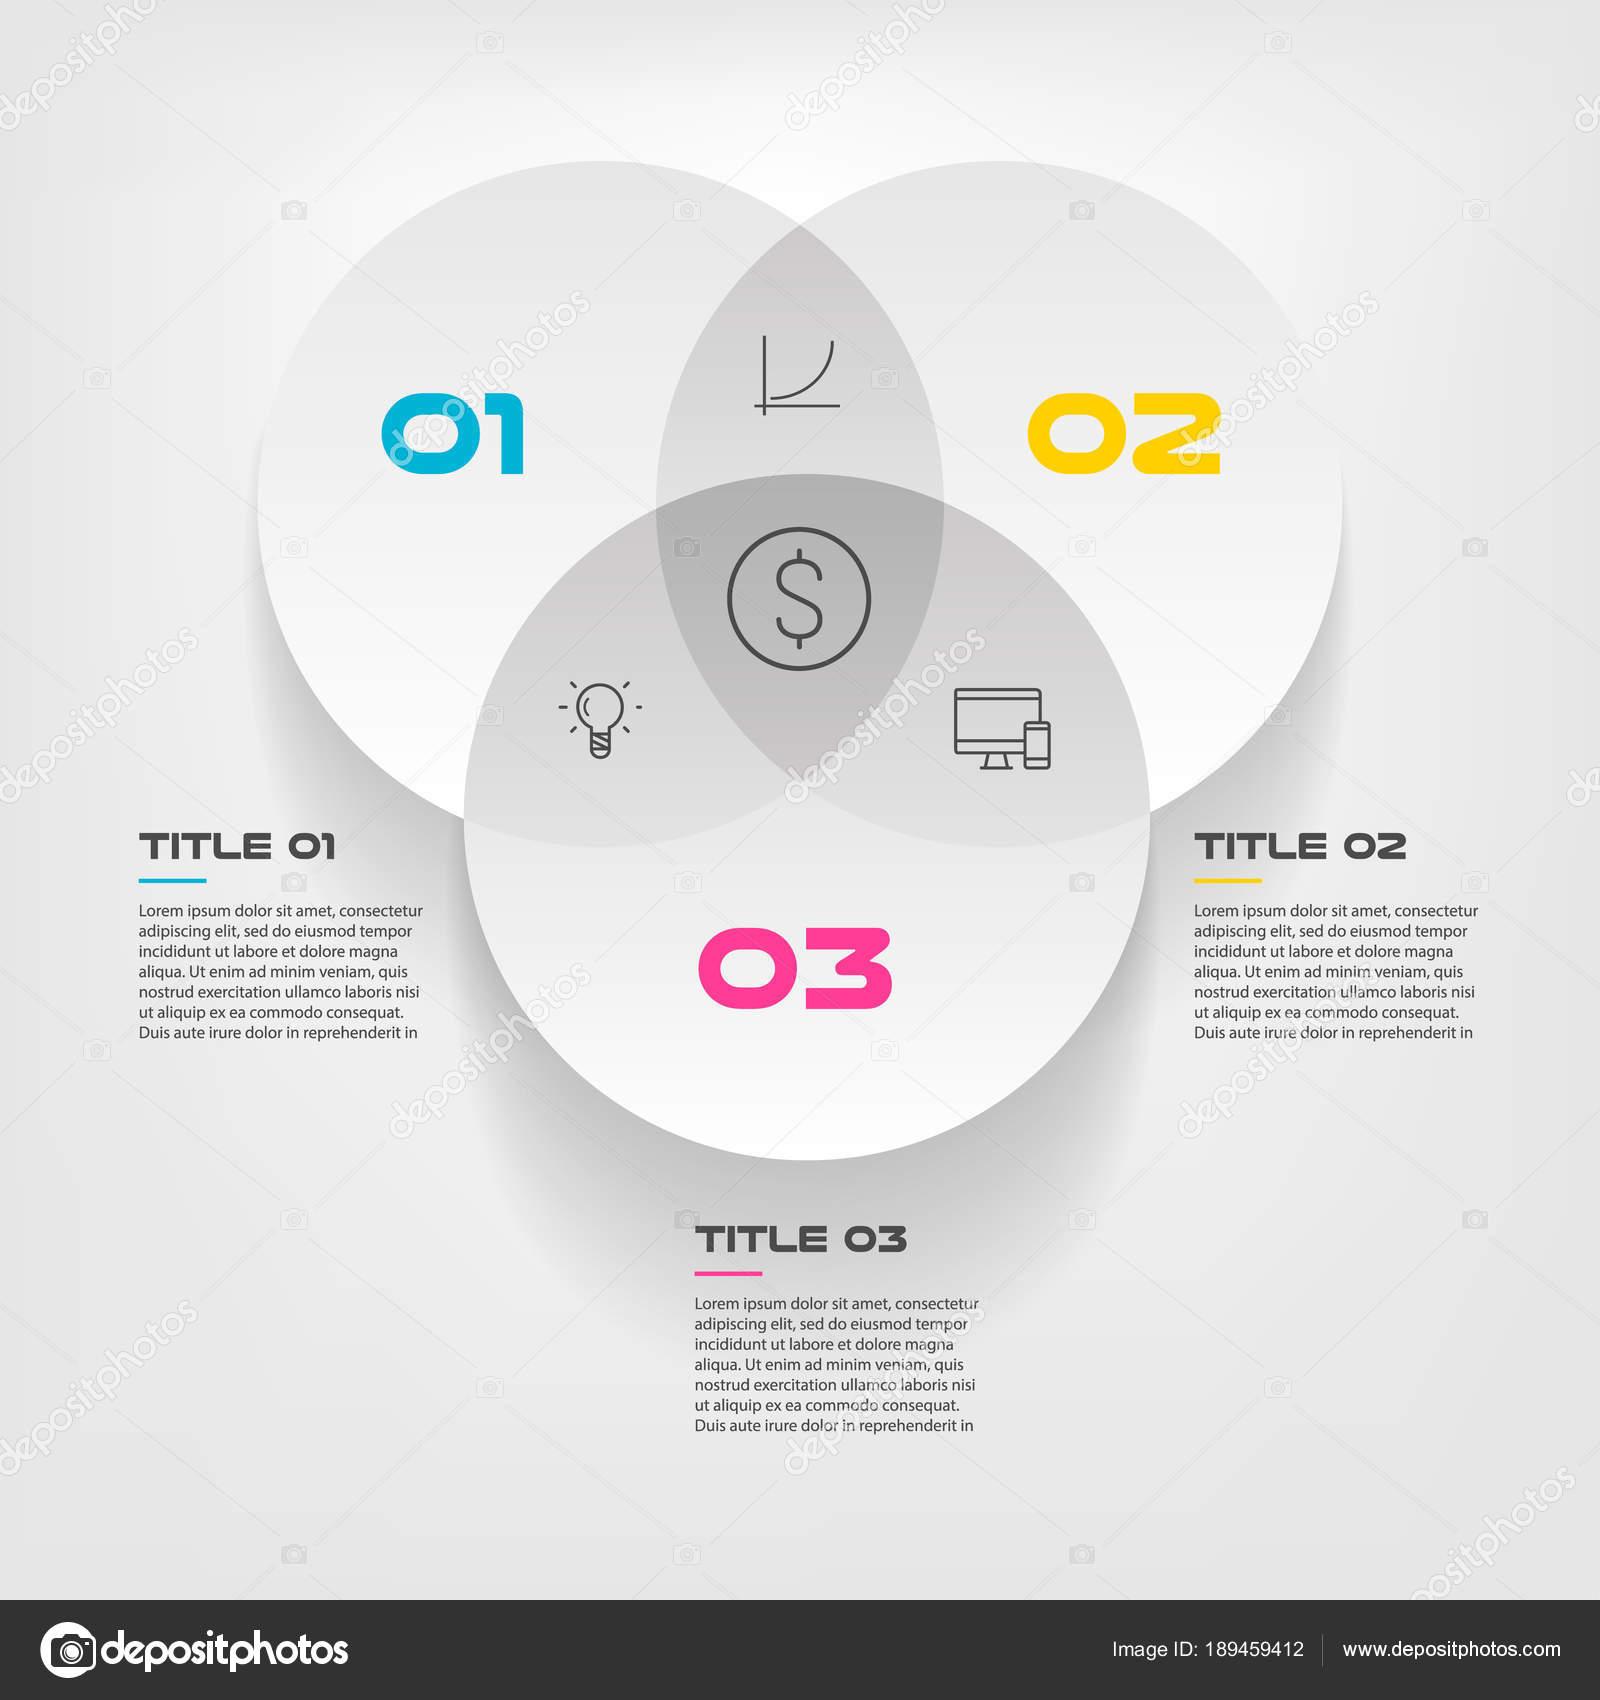 Infogrficos do diagrama de venn para trs vector de desenho do infogrficos do diagrama de venn para trs vector de desenho do crculo e marketing podem ser usados para o layout de fluxo de trabalho relatrio anual ccuart Gallery